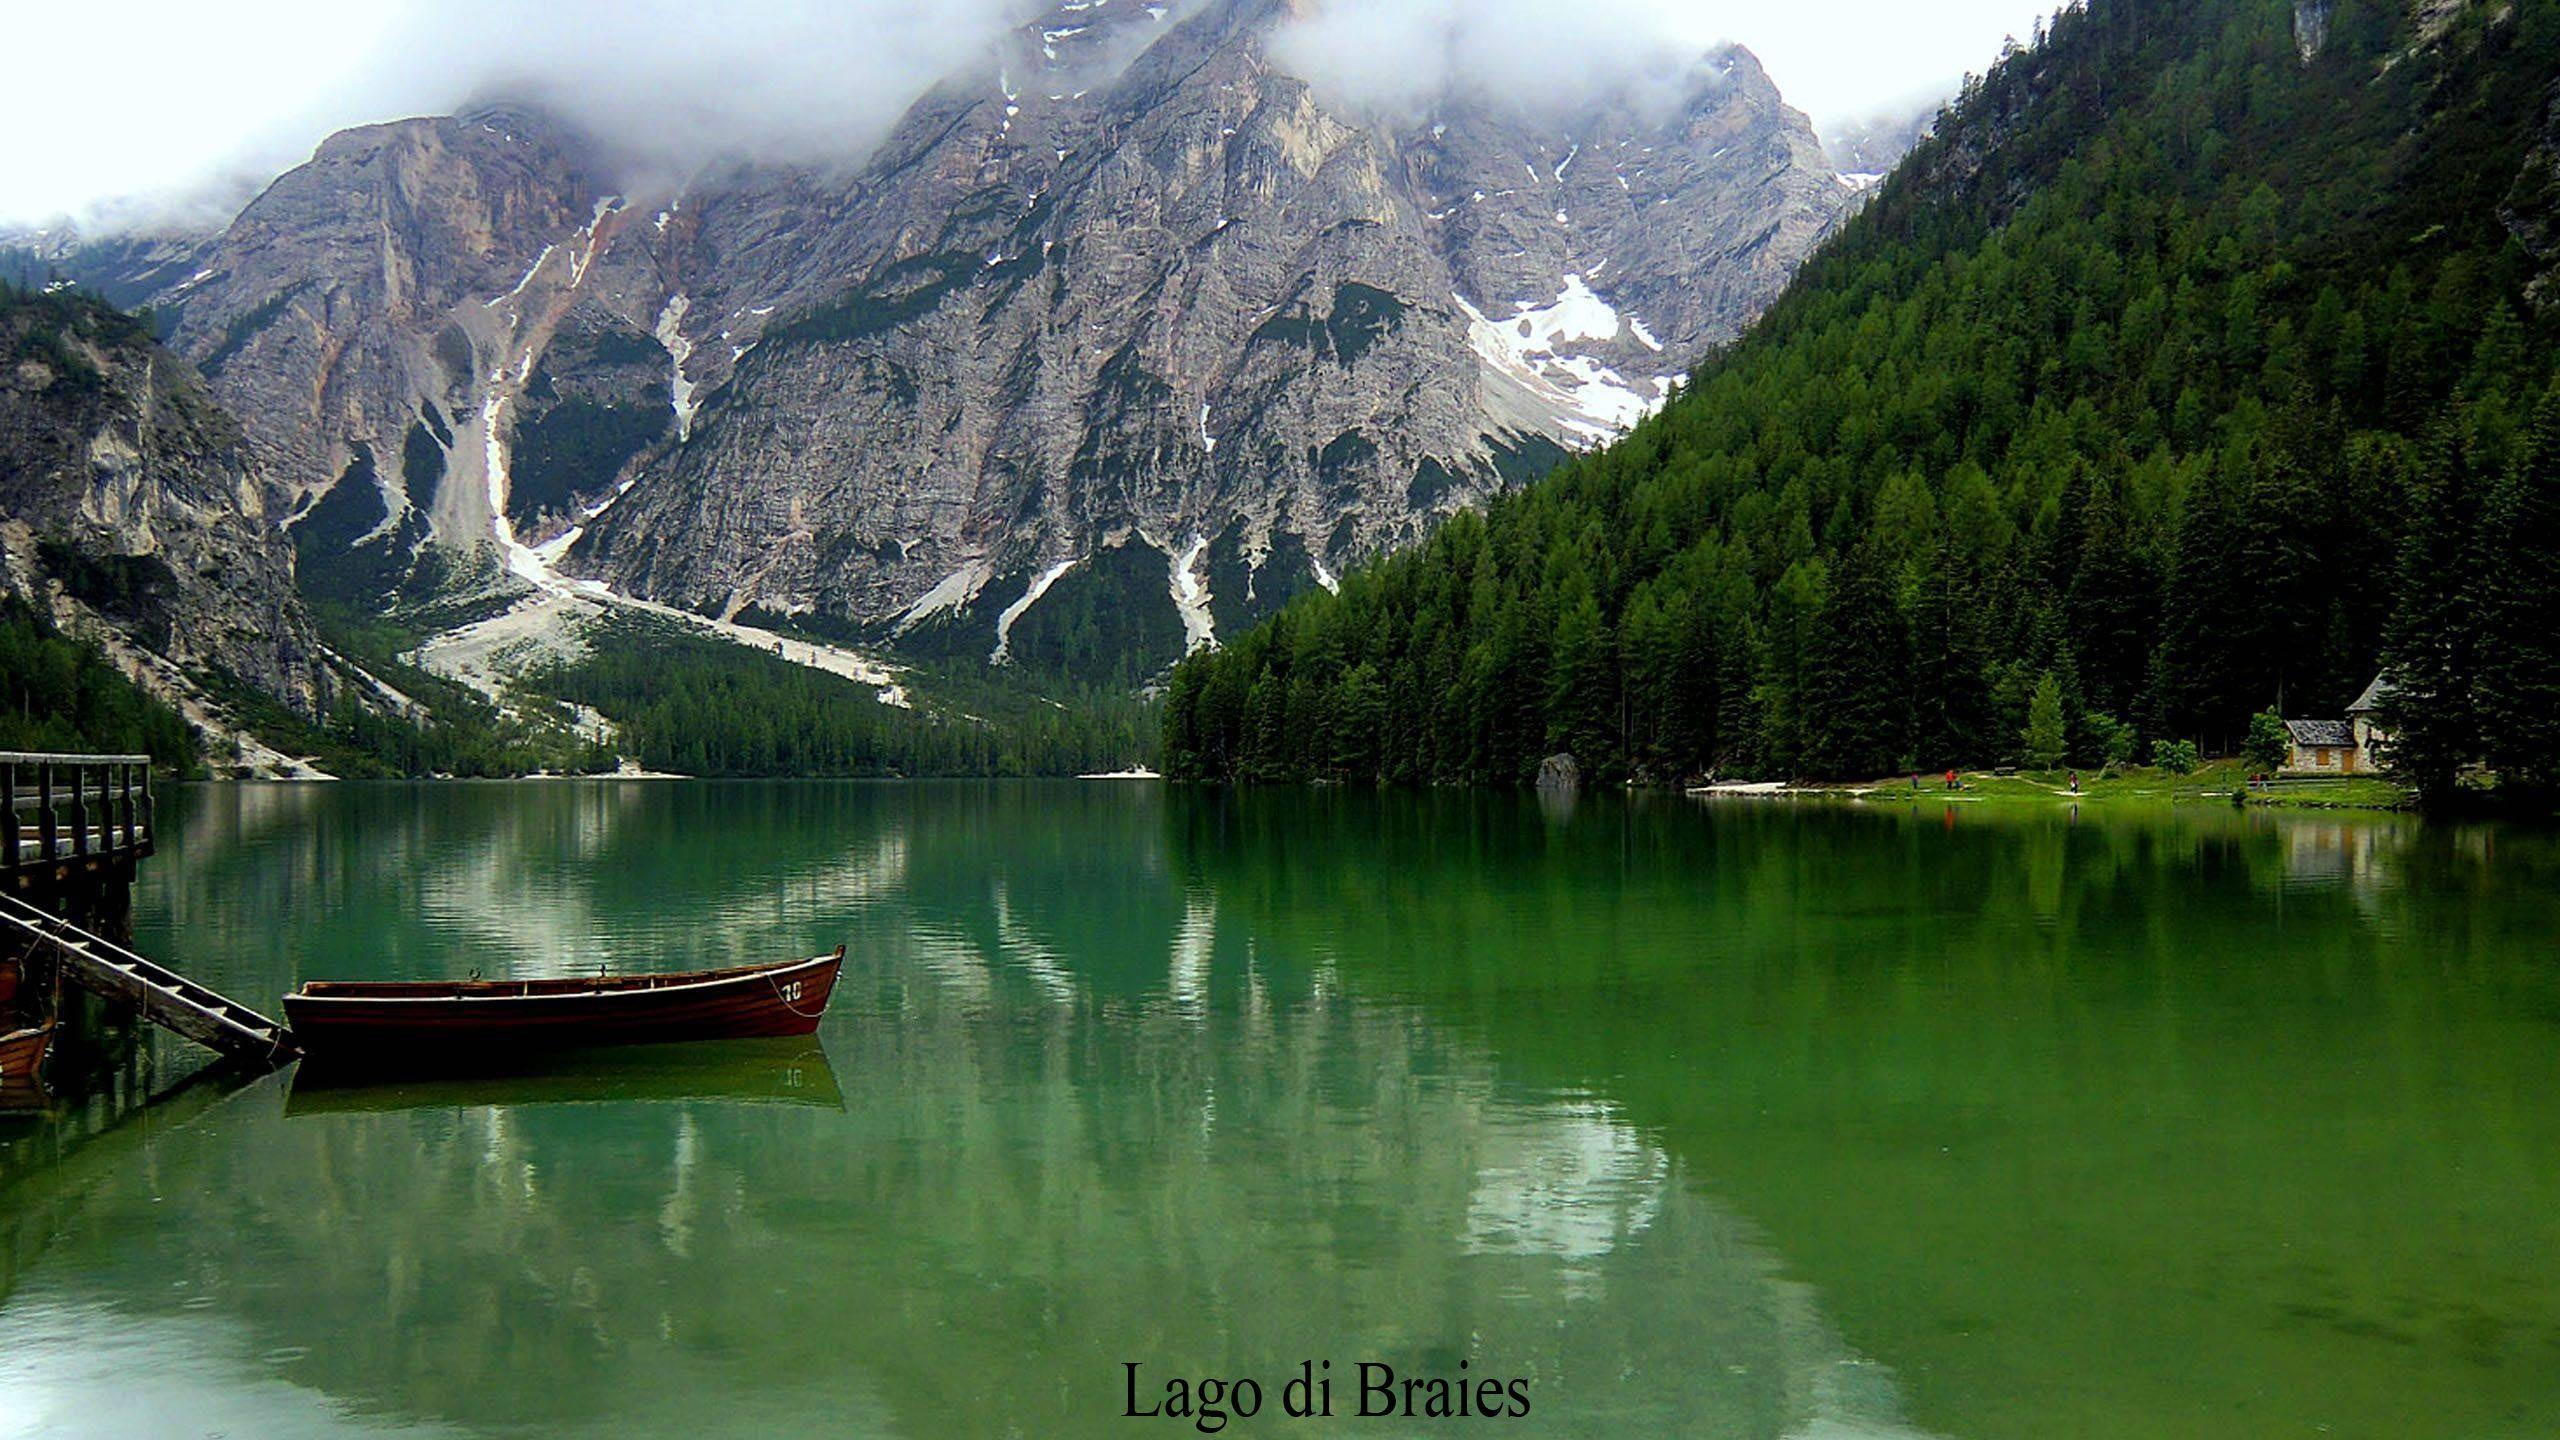 Trentino alto adige, Italy #italy